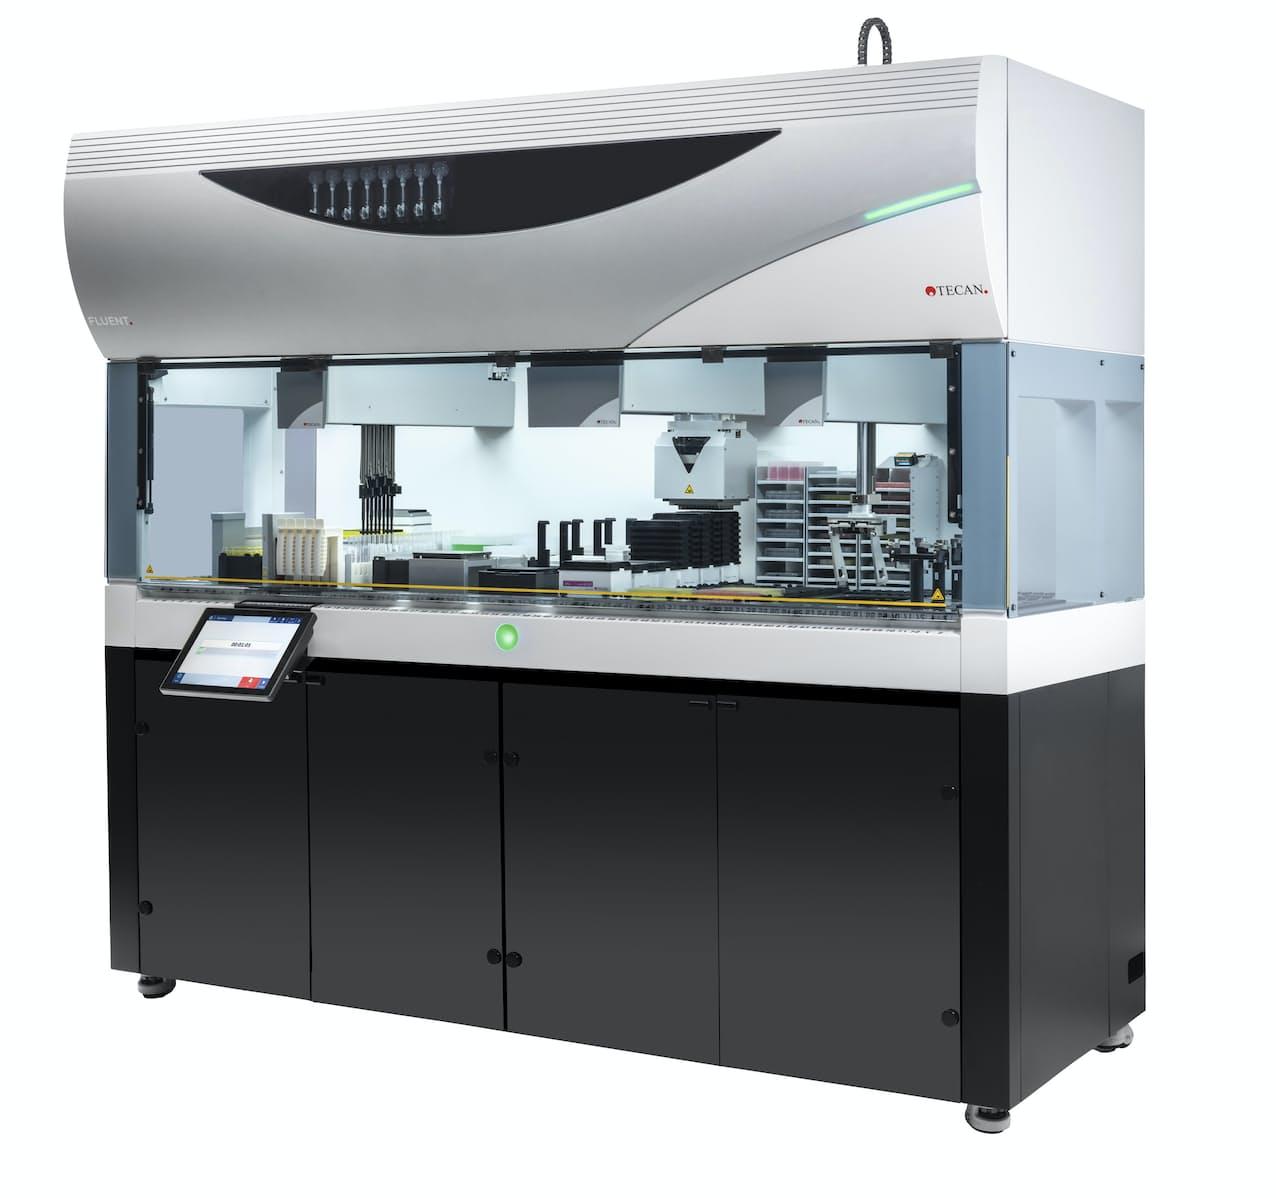 ペプチド医薬品の開発システムを搭載した装置(川崎市の装置メーカー、テカンジャパン提供)